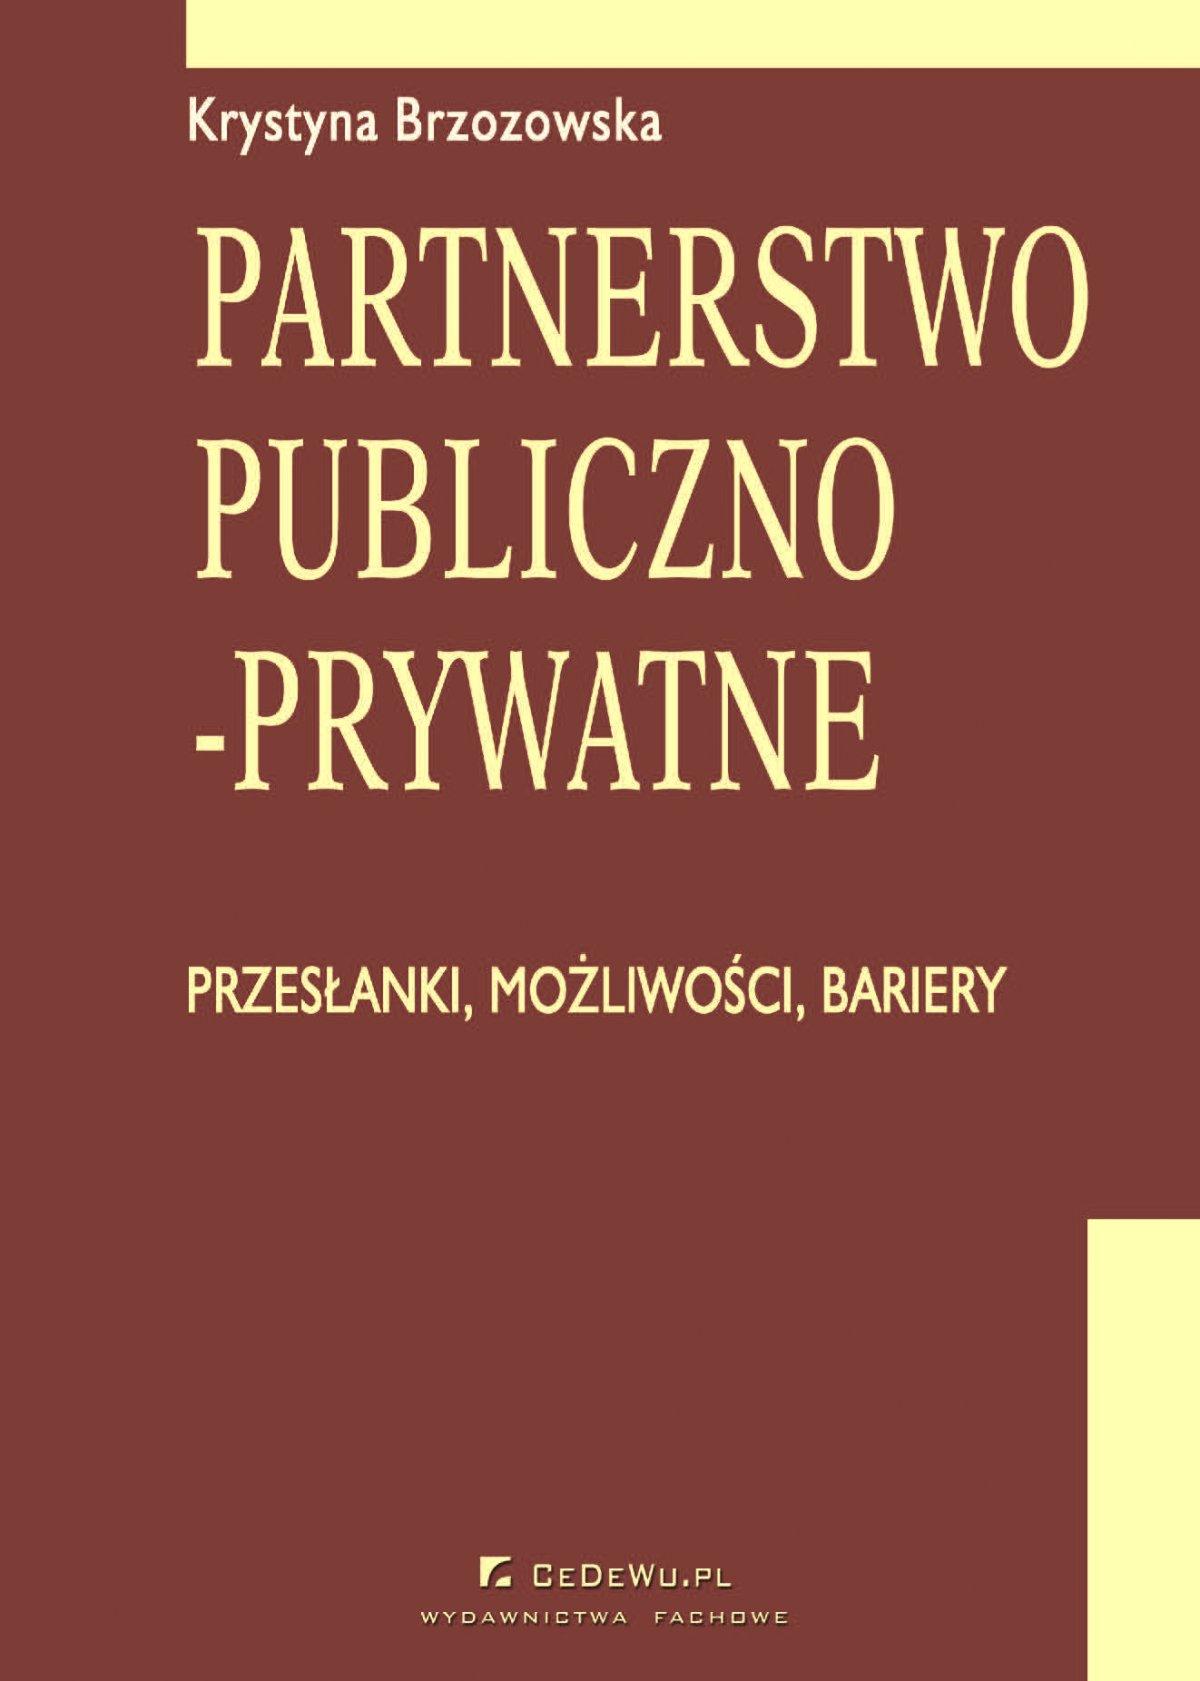 Partnerstwo publiczno-prywatne. Przesłanki, możliwości, bariery. Rozdział 6. Uwarunkowania polityczne i społeczne rozwoju partnerstwa publiczno-prywatnego - Ebook (Książka PDF) do pobrania w formacie PDF